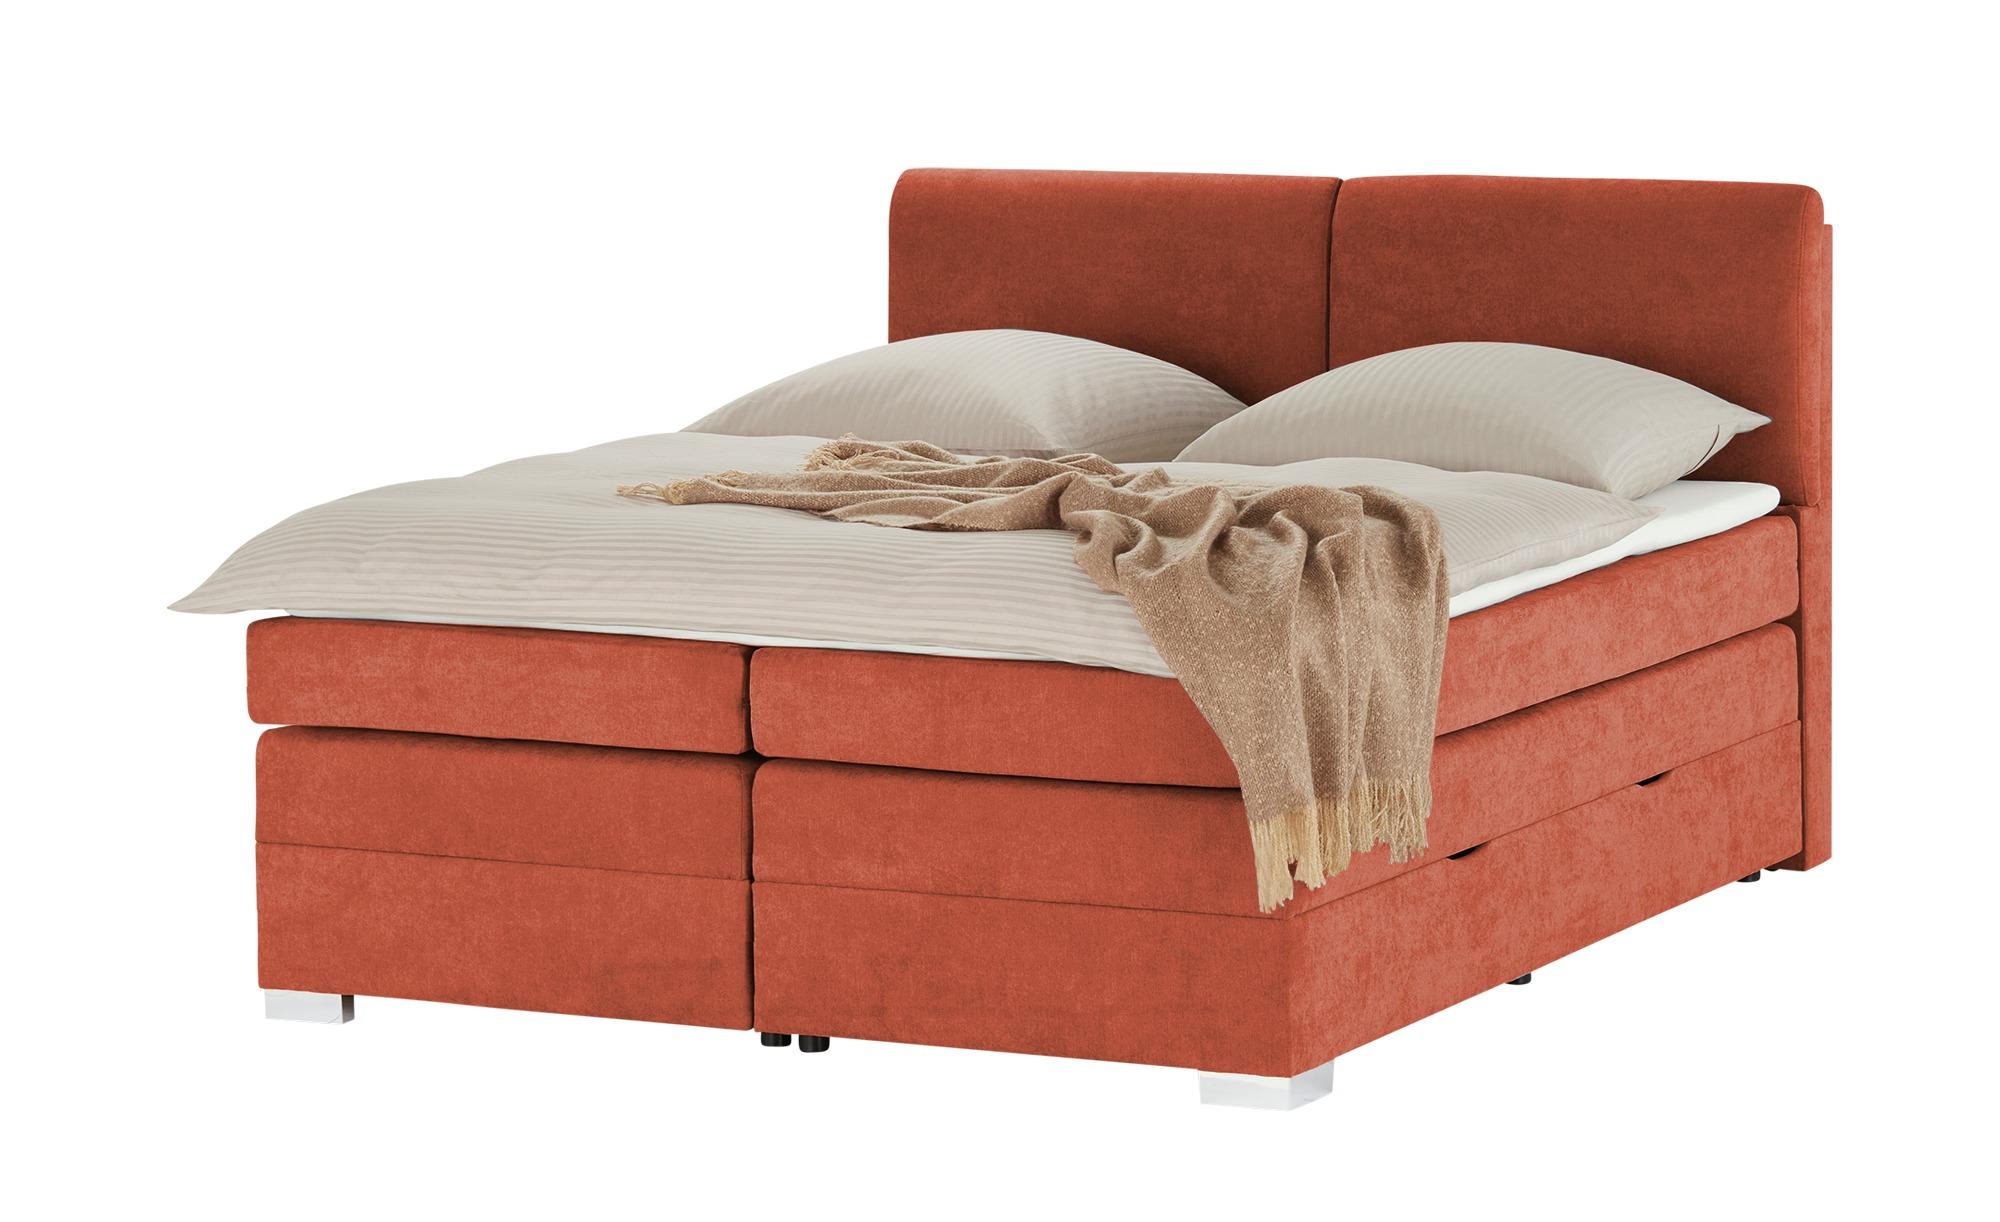 Boxspringbett  Archduchess ¦ orange ¦ Maße (cm): B: 180 H: 219 T: 219 Betten > Boxspringbetten > Boxspringbetten 180x200 - Höffner